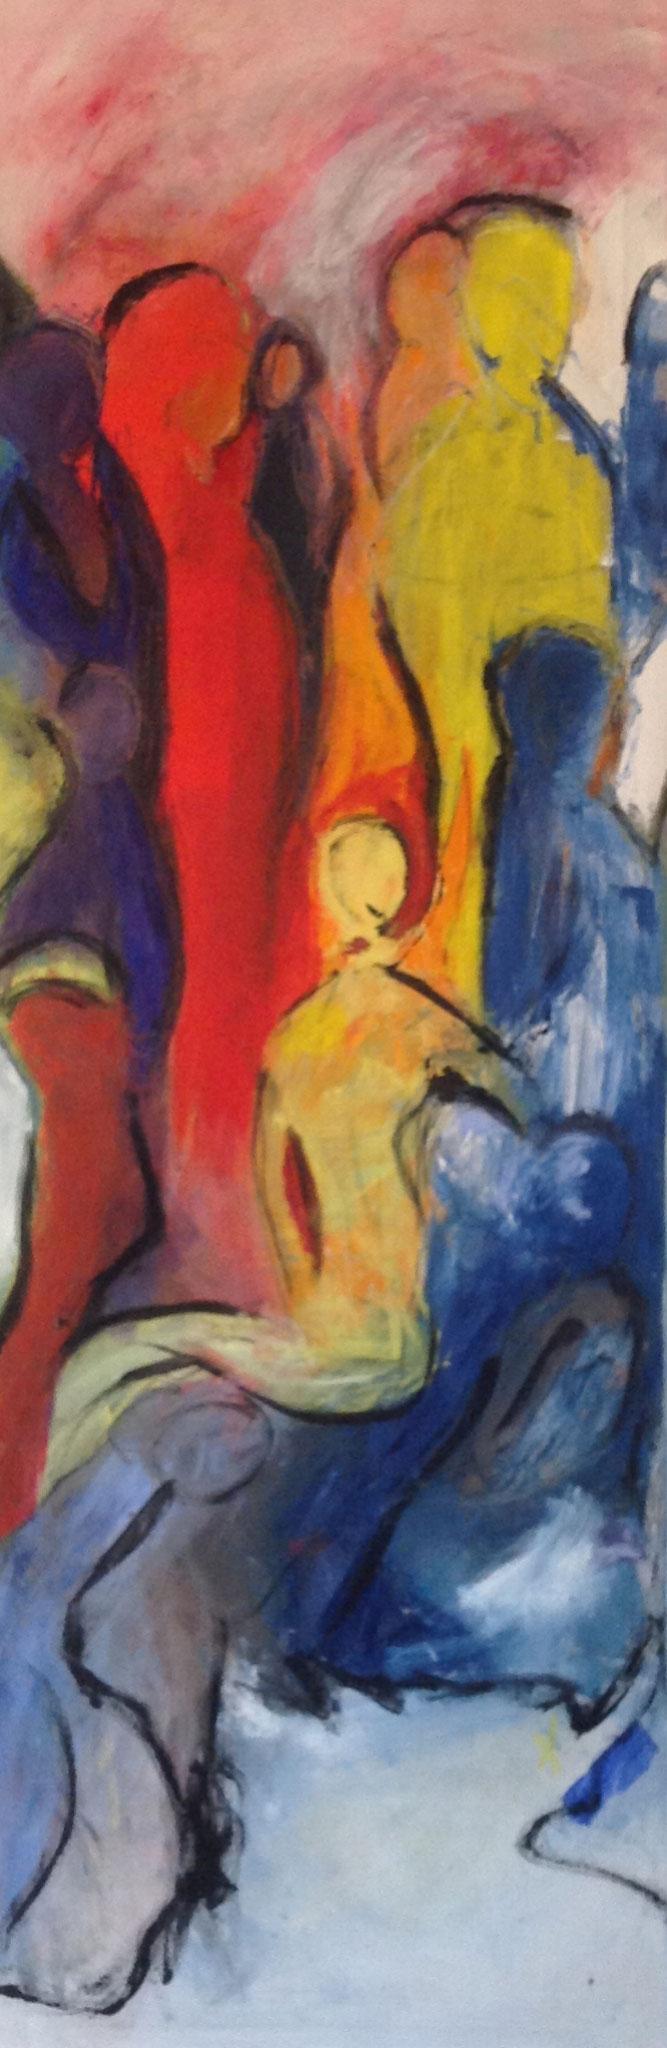 Frau in Gelb (50x150cm), Öl auf Leinwand